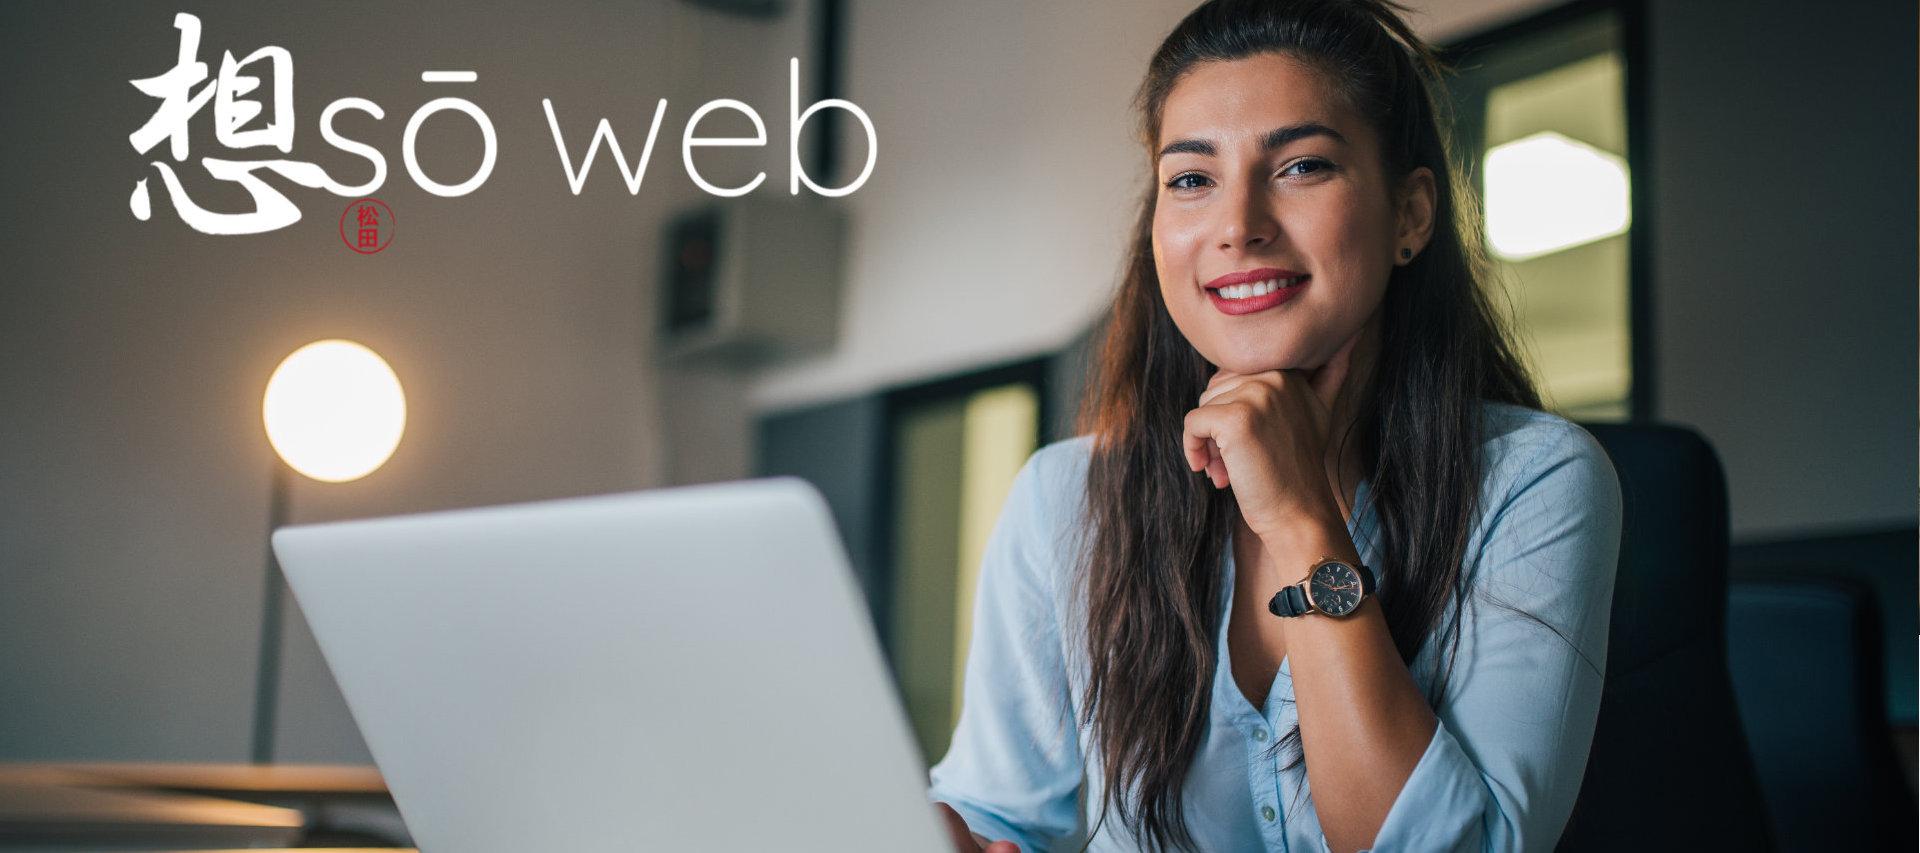 So Web